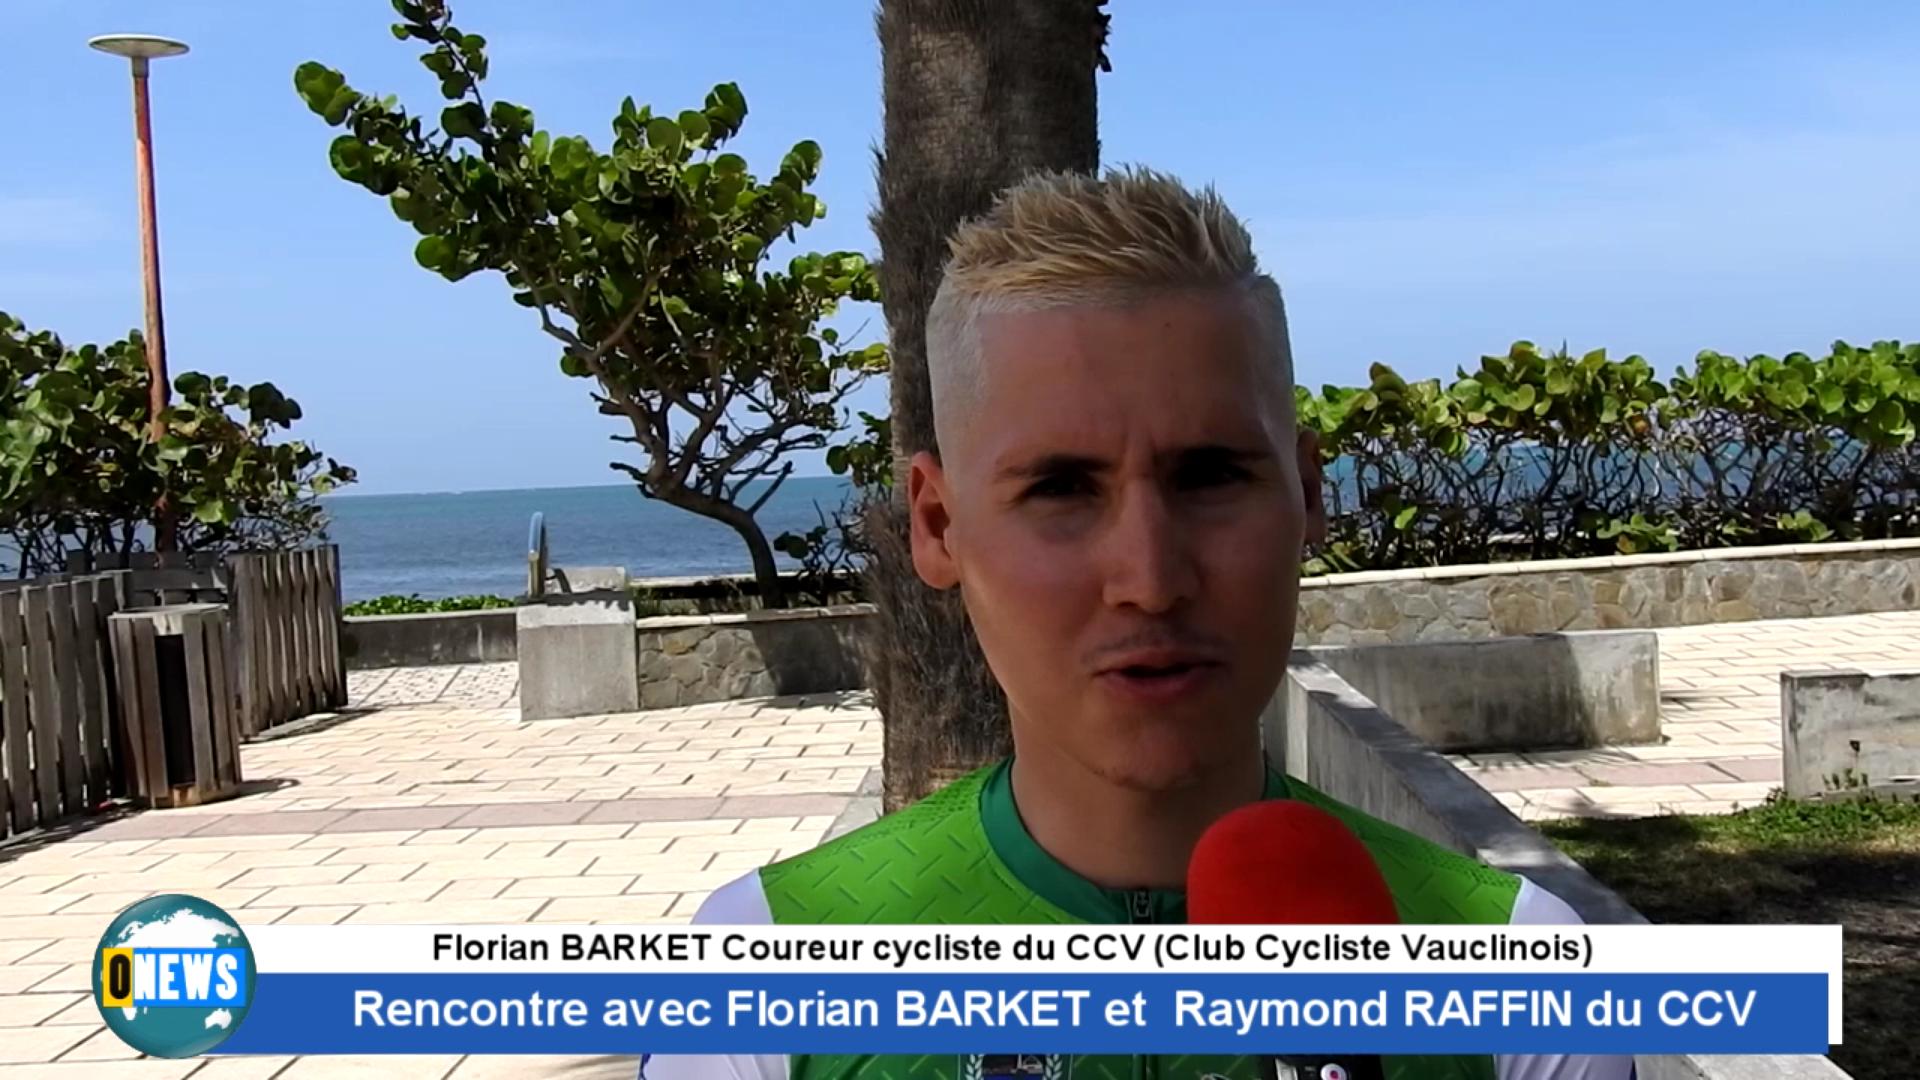 Onews Martinique. Cyclisme. Rencontre avec Florian BARKET et Raymond RAFFIN du CCV